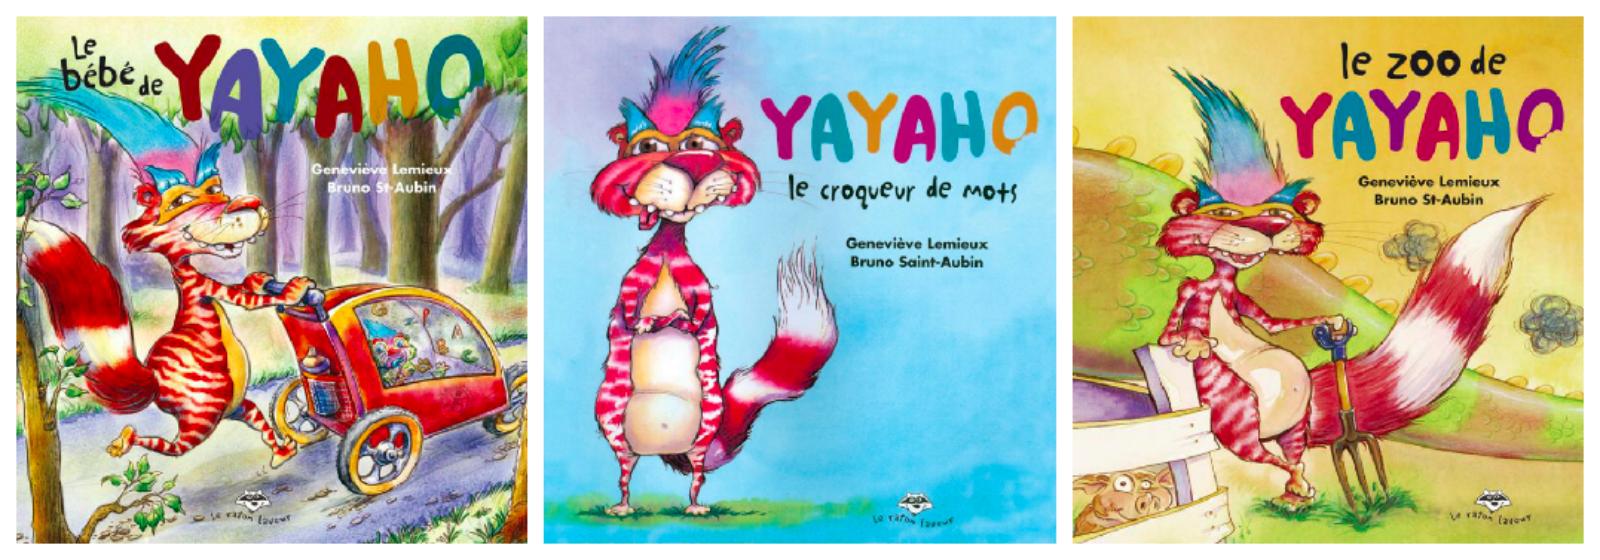 Yayaho, le croqueur de mots : un album ludique pour jouer avec les mots